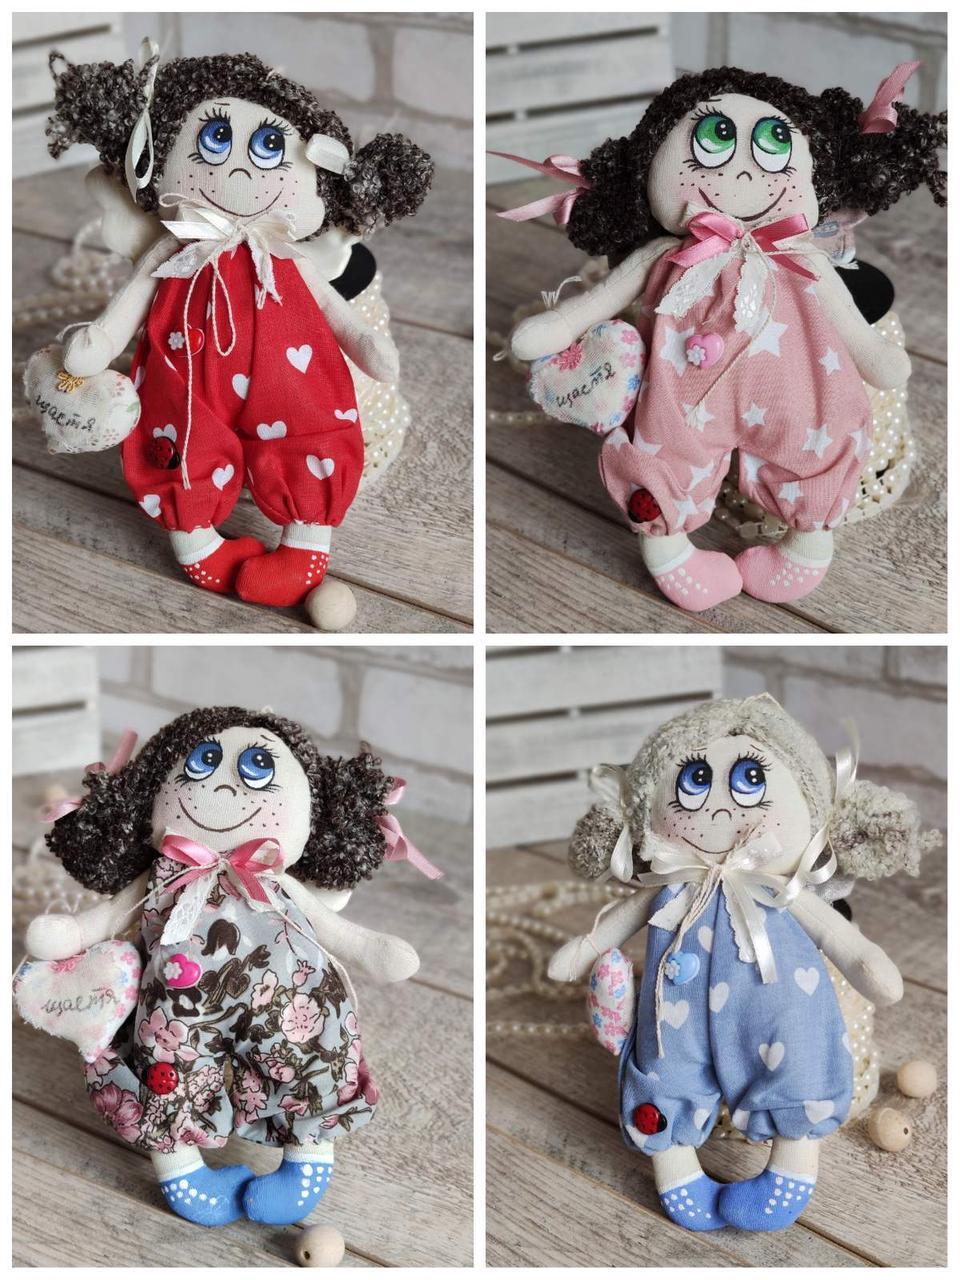 """Лялька """"Дівчинка-ангел"""" із сердечком з побажаннями, текстильна, 22см., 180/150 (ціна за 1 шт.+30гр.)"""